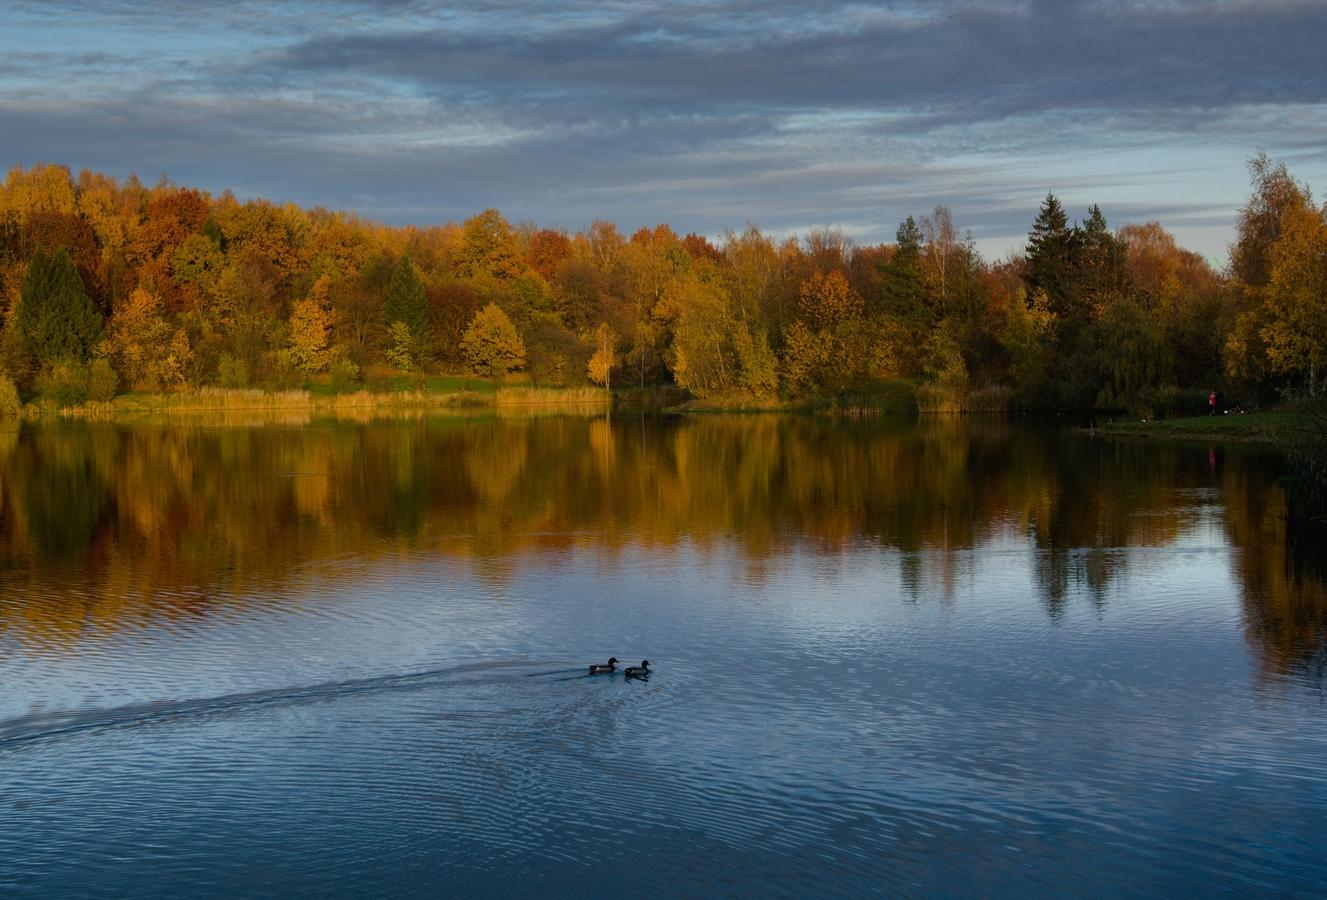 podvečer na Stříbrném jezeře ...